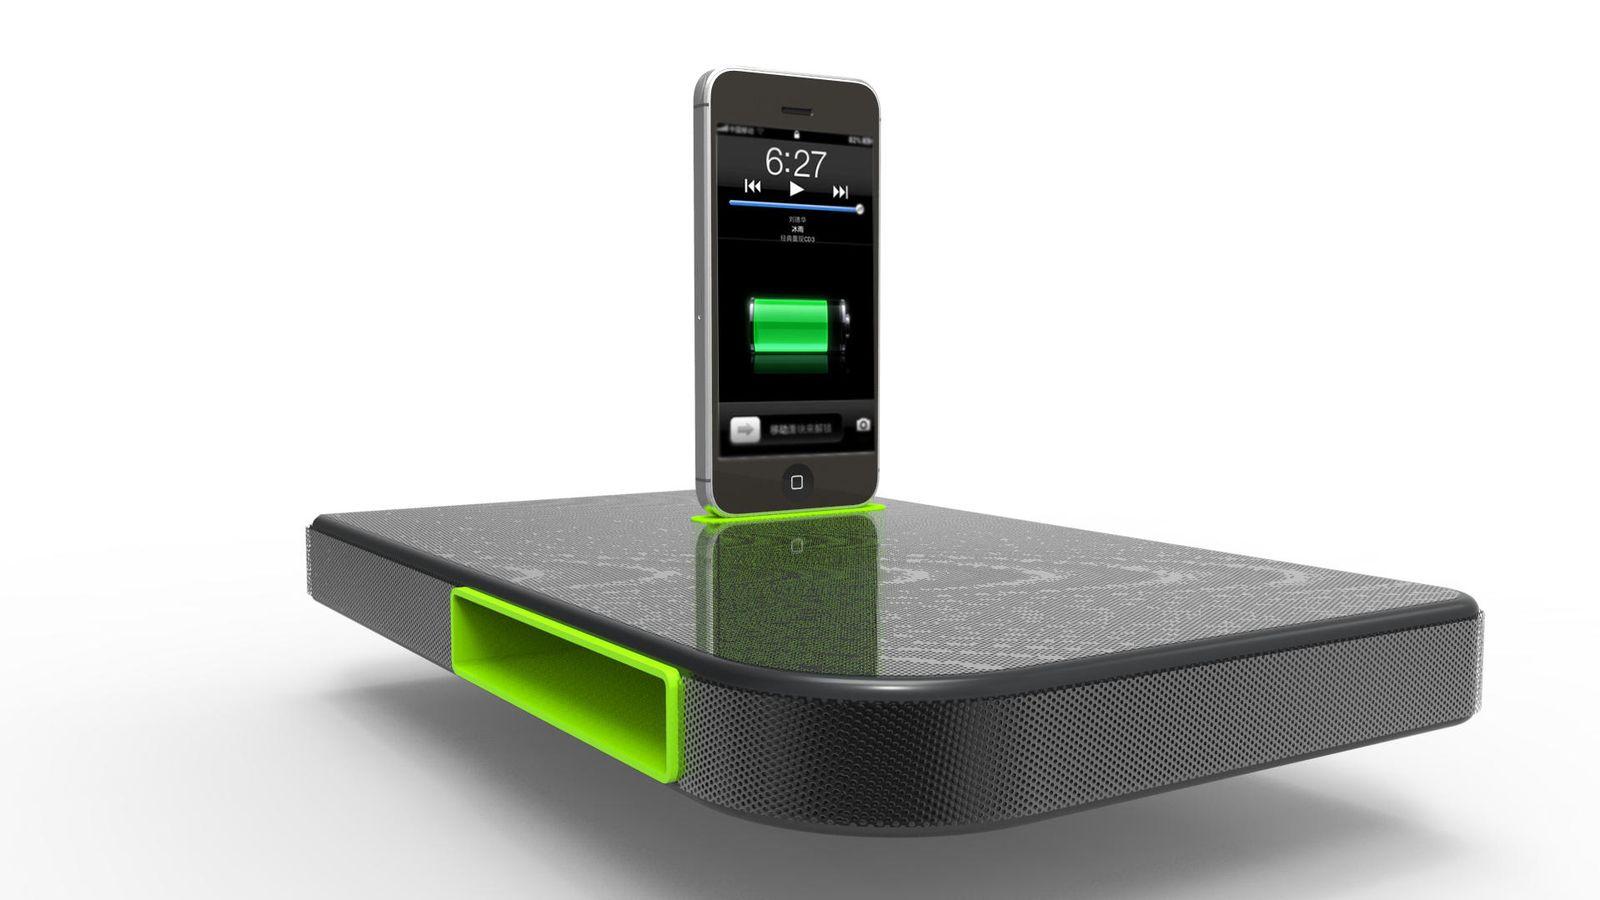 Foto: Cargar el móvil con sonido